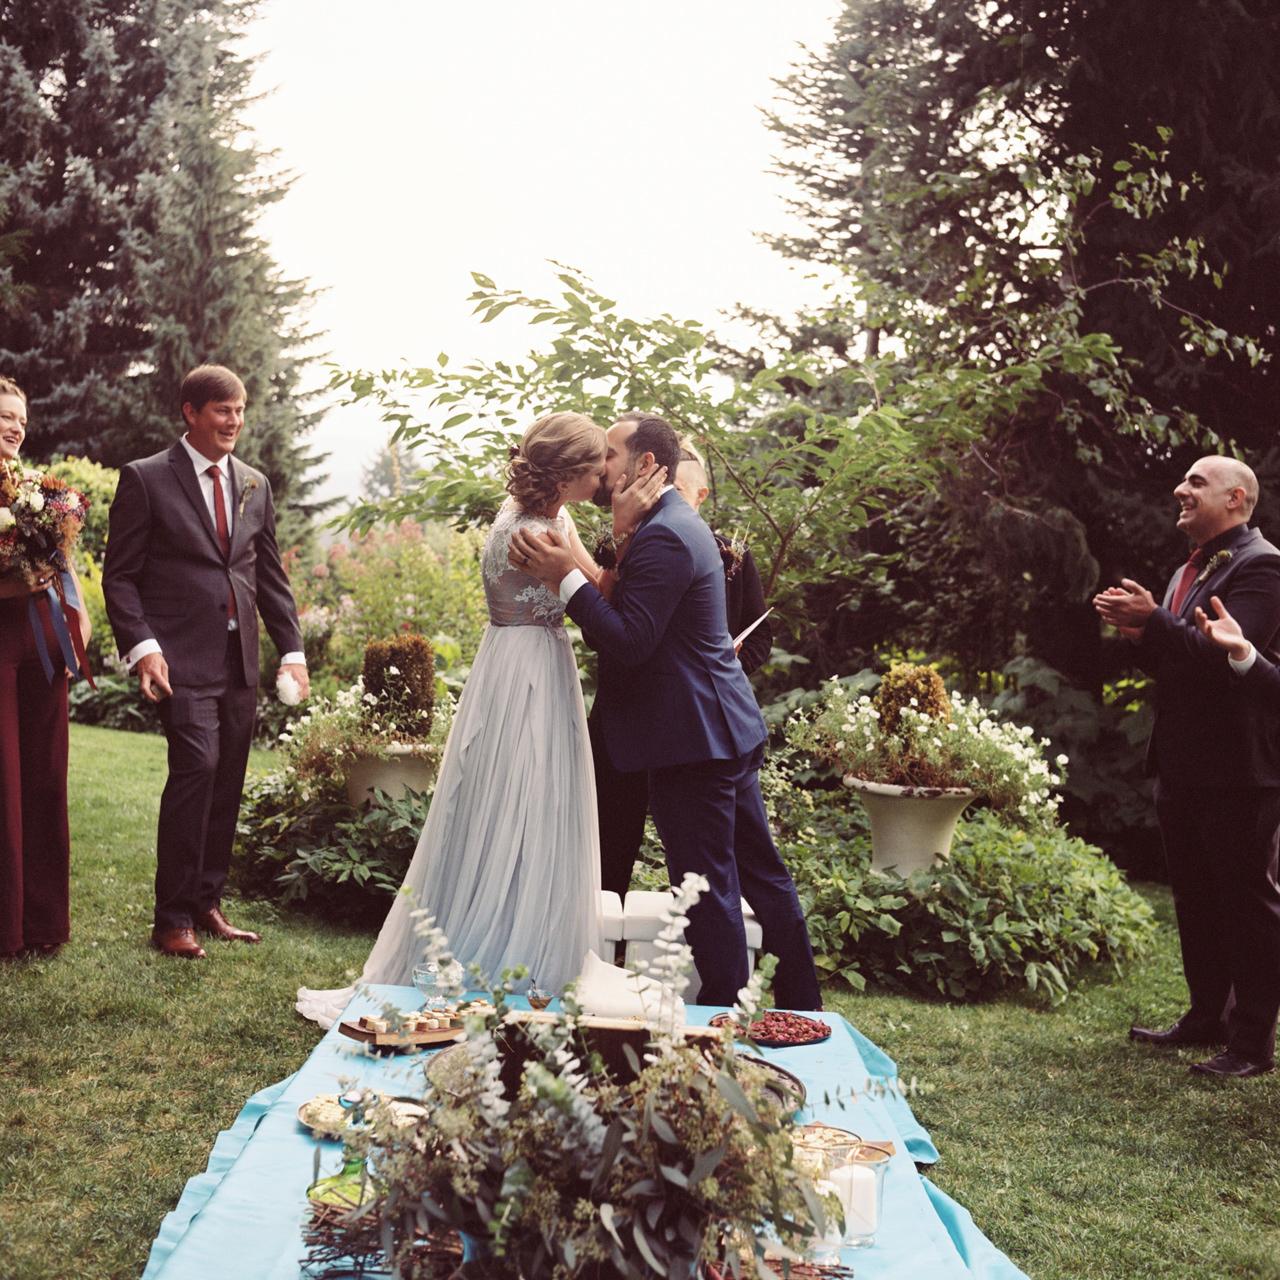 mt-hood-organic-farms-film-wedding-18.jpg